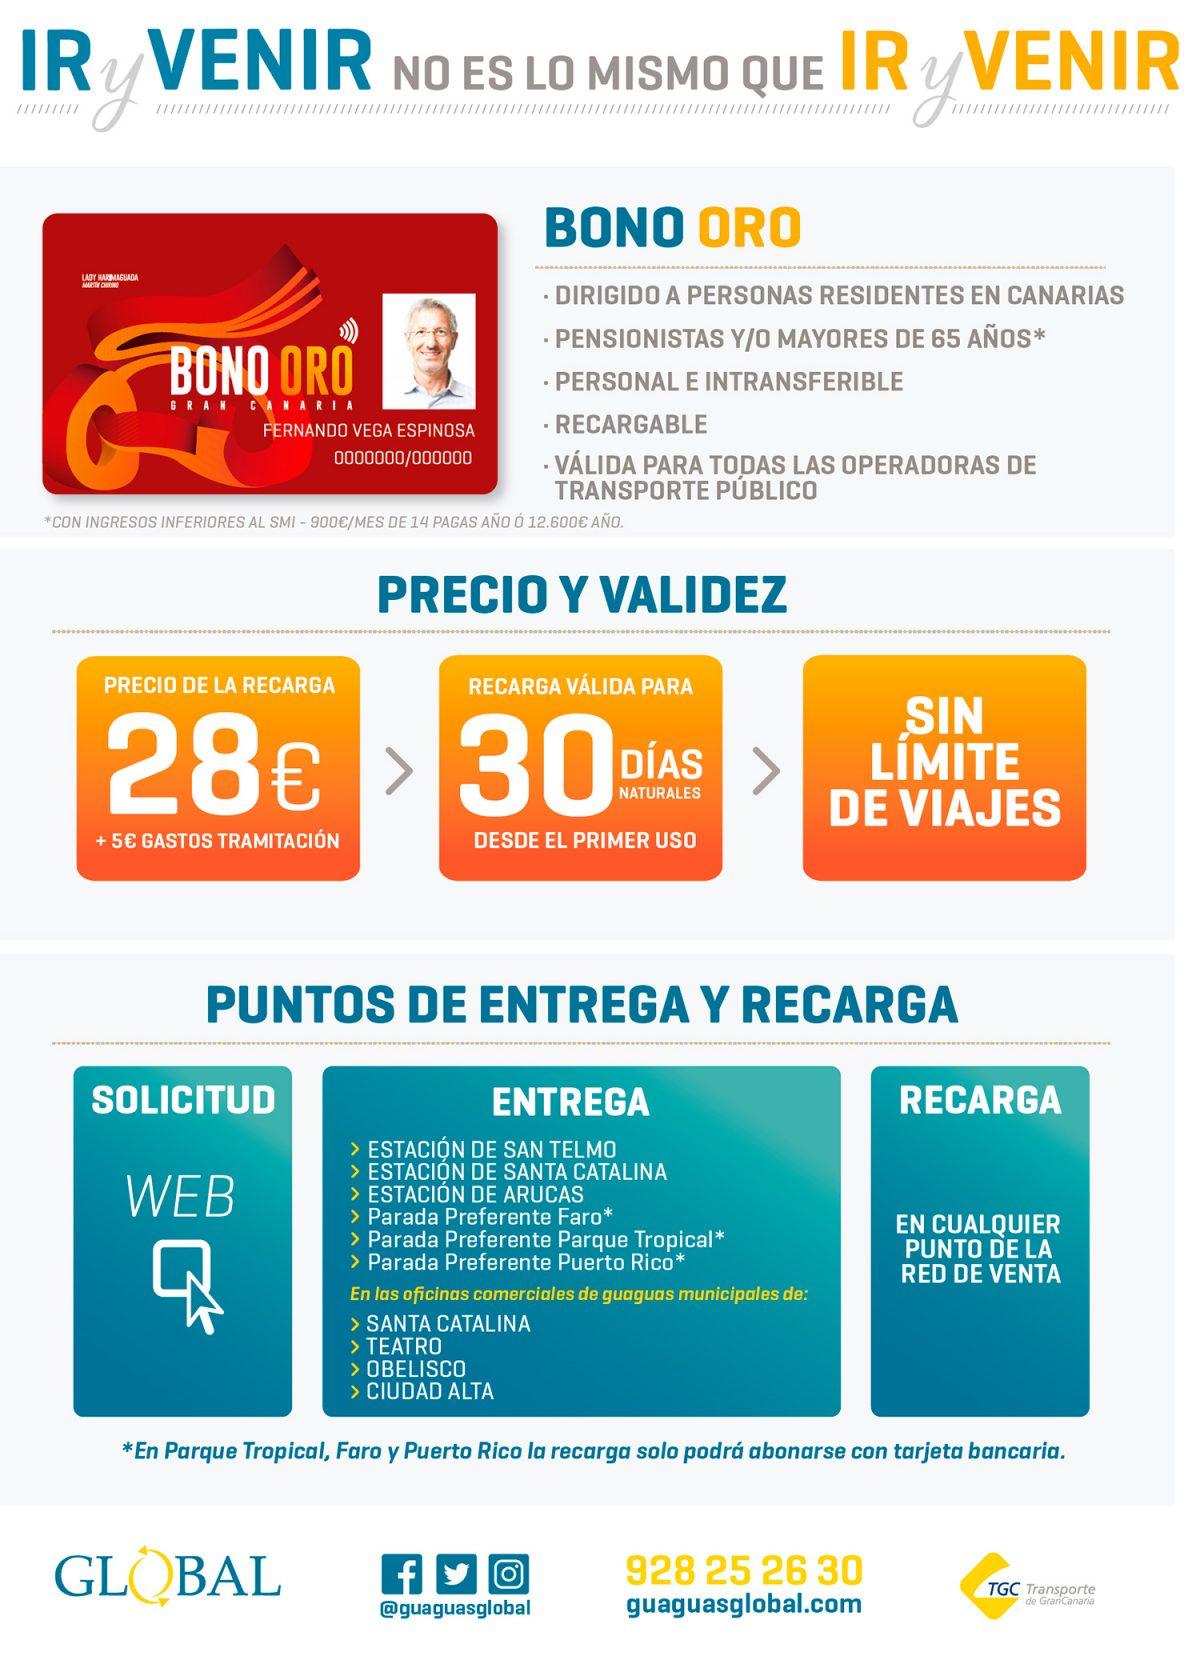 Tarjeta Bono Oro